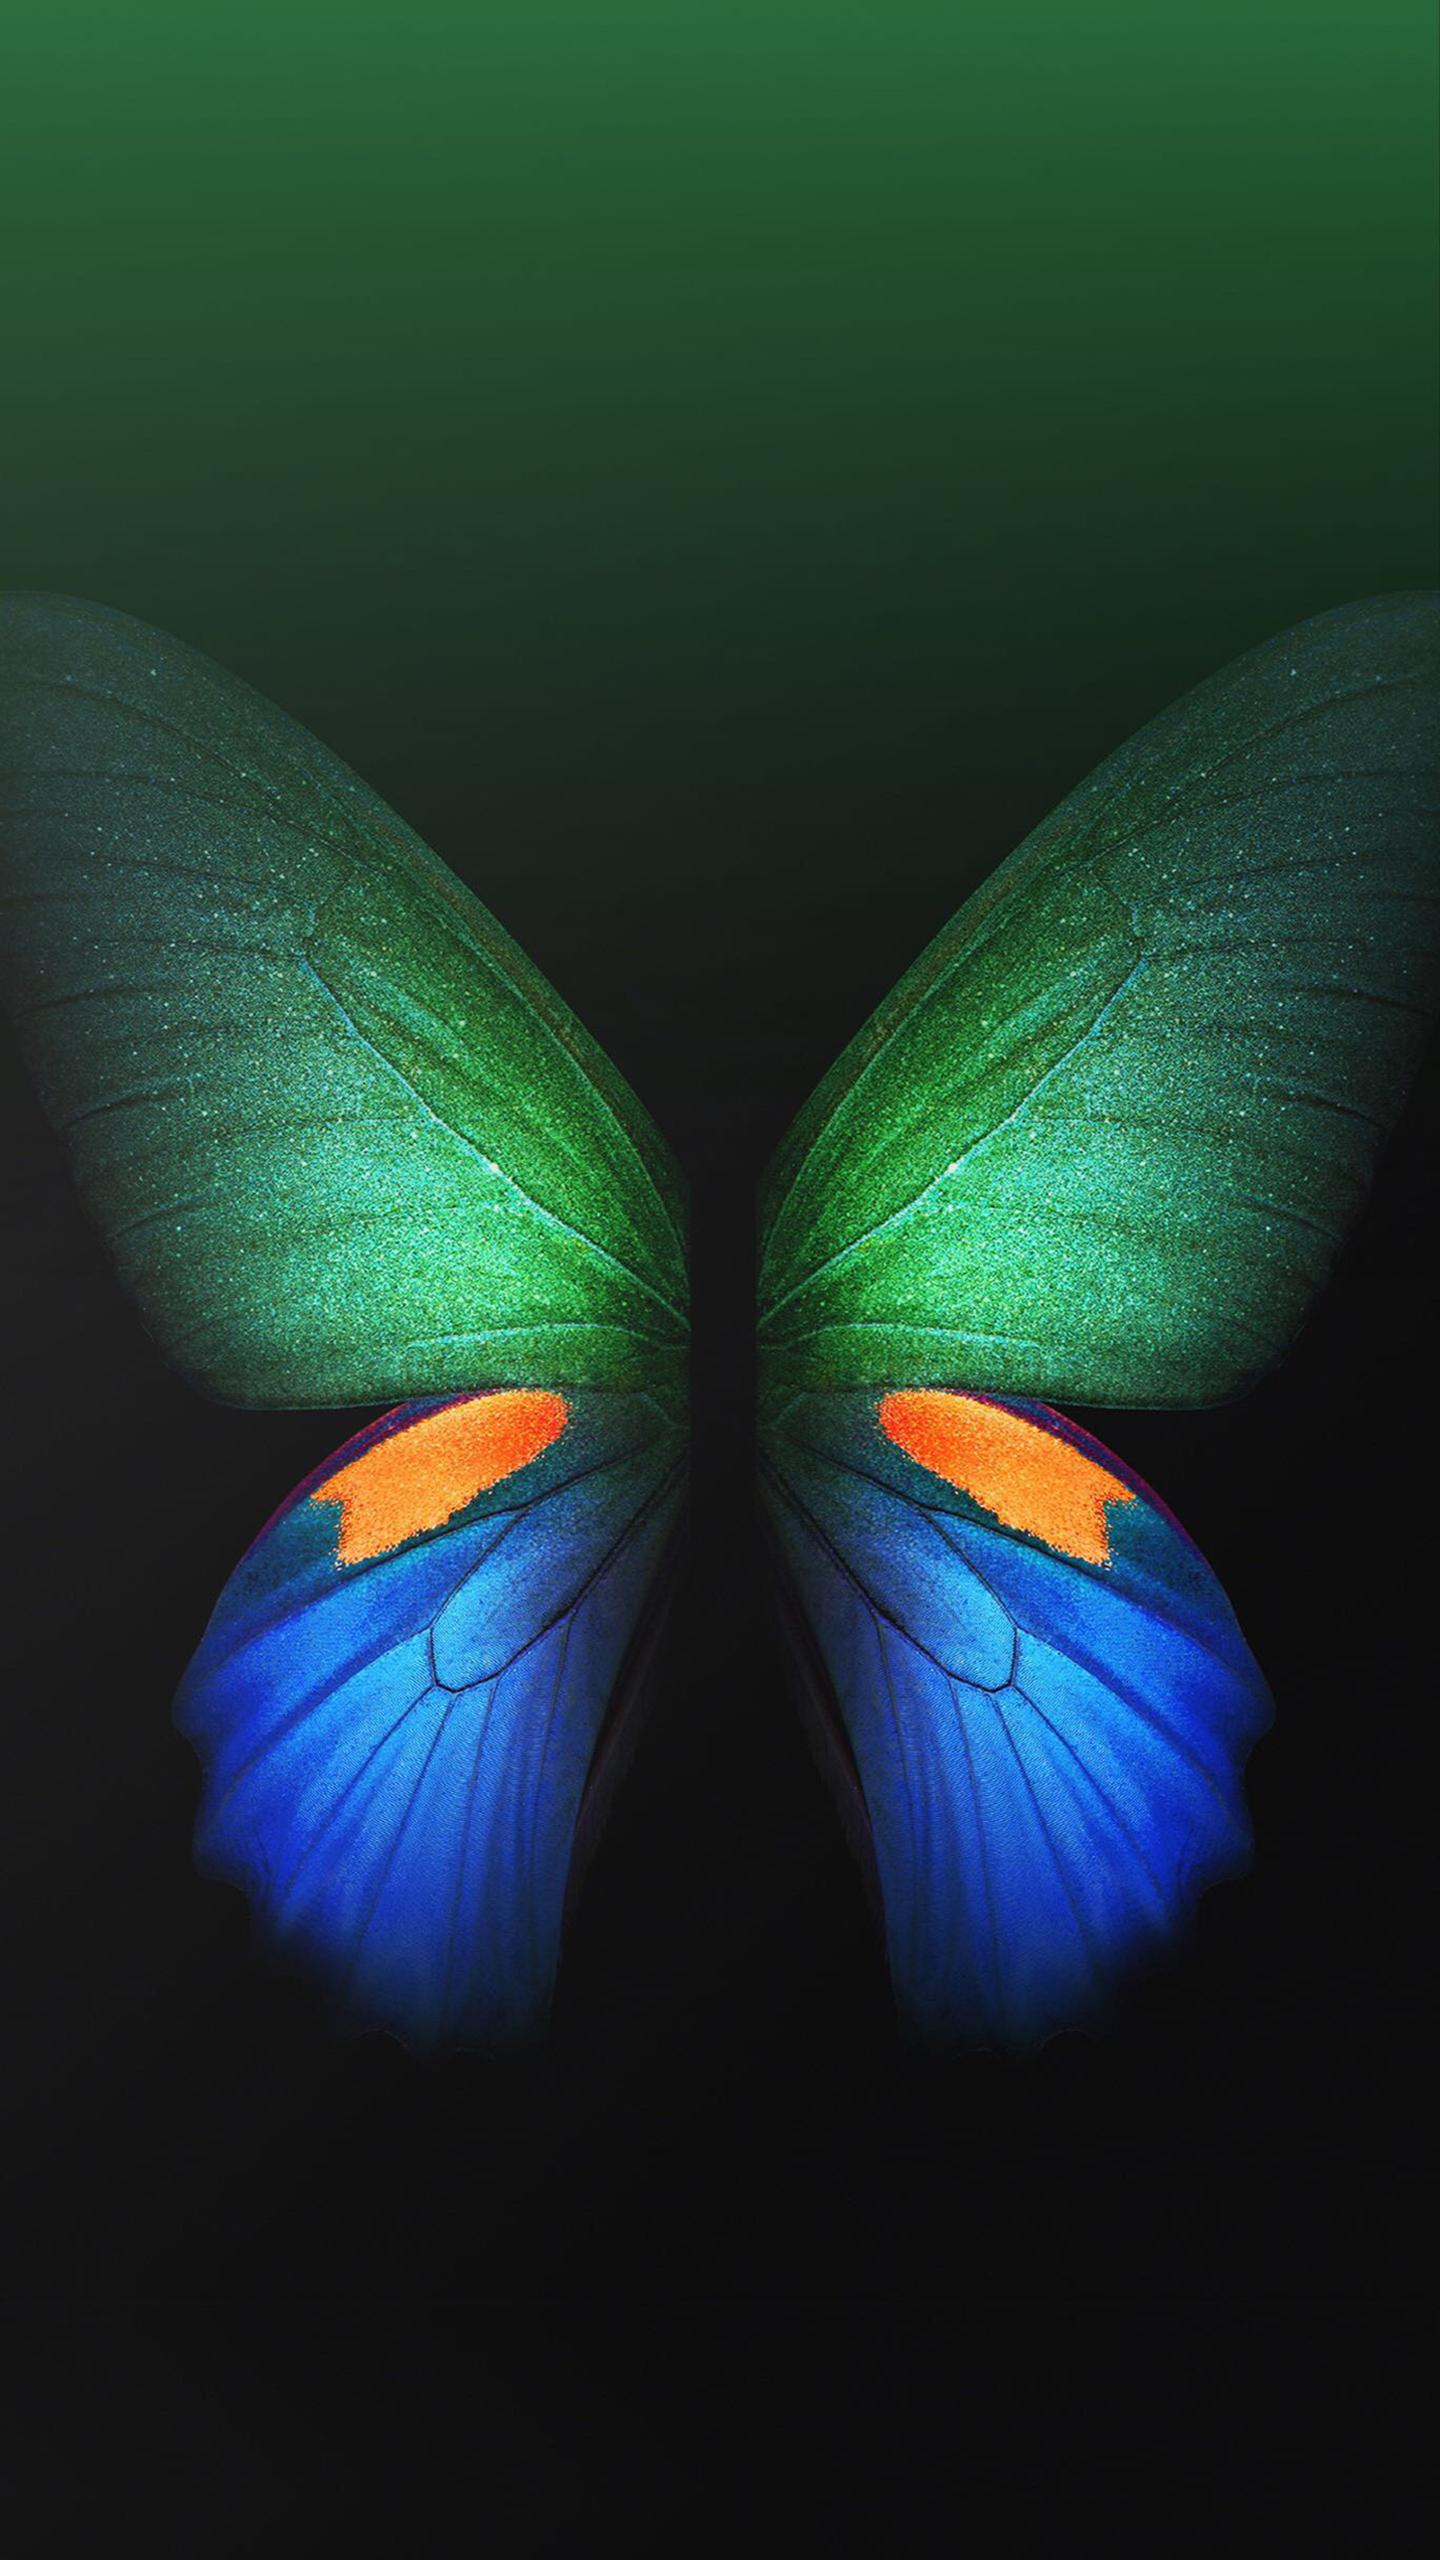 主题分享 两个主题分享 彩蝶 和 本物 更新 主题爱好者